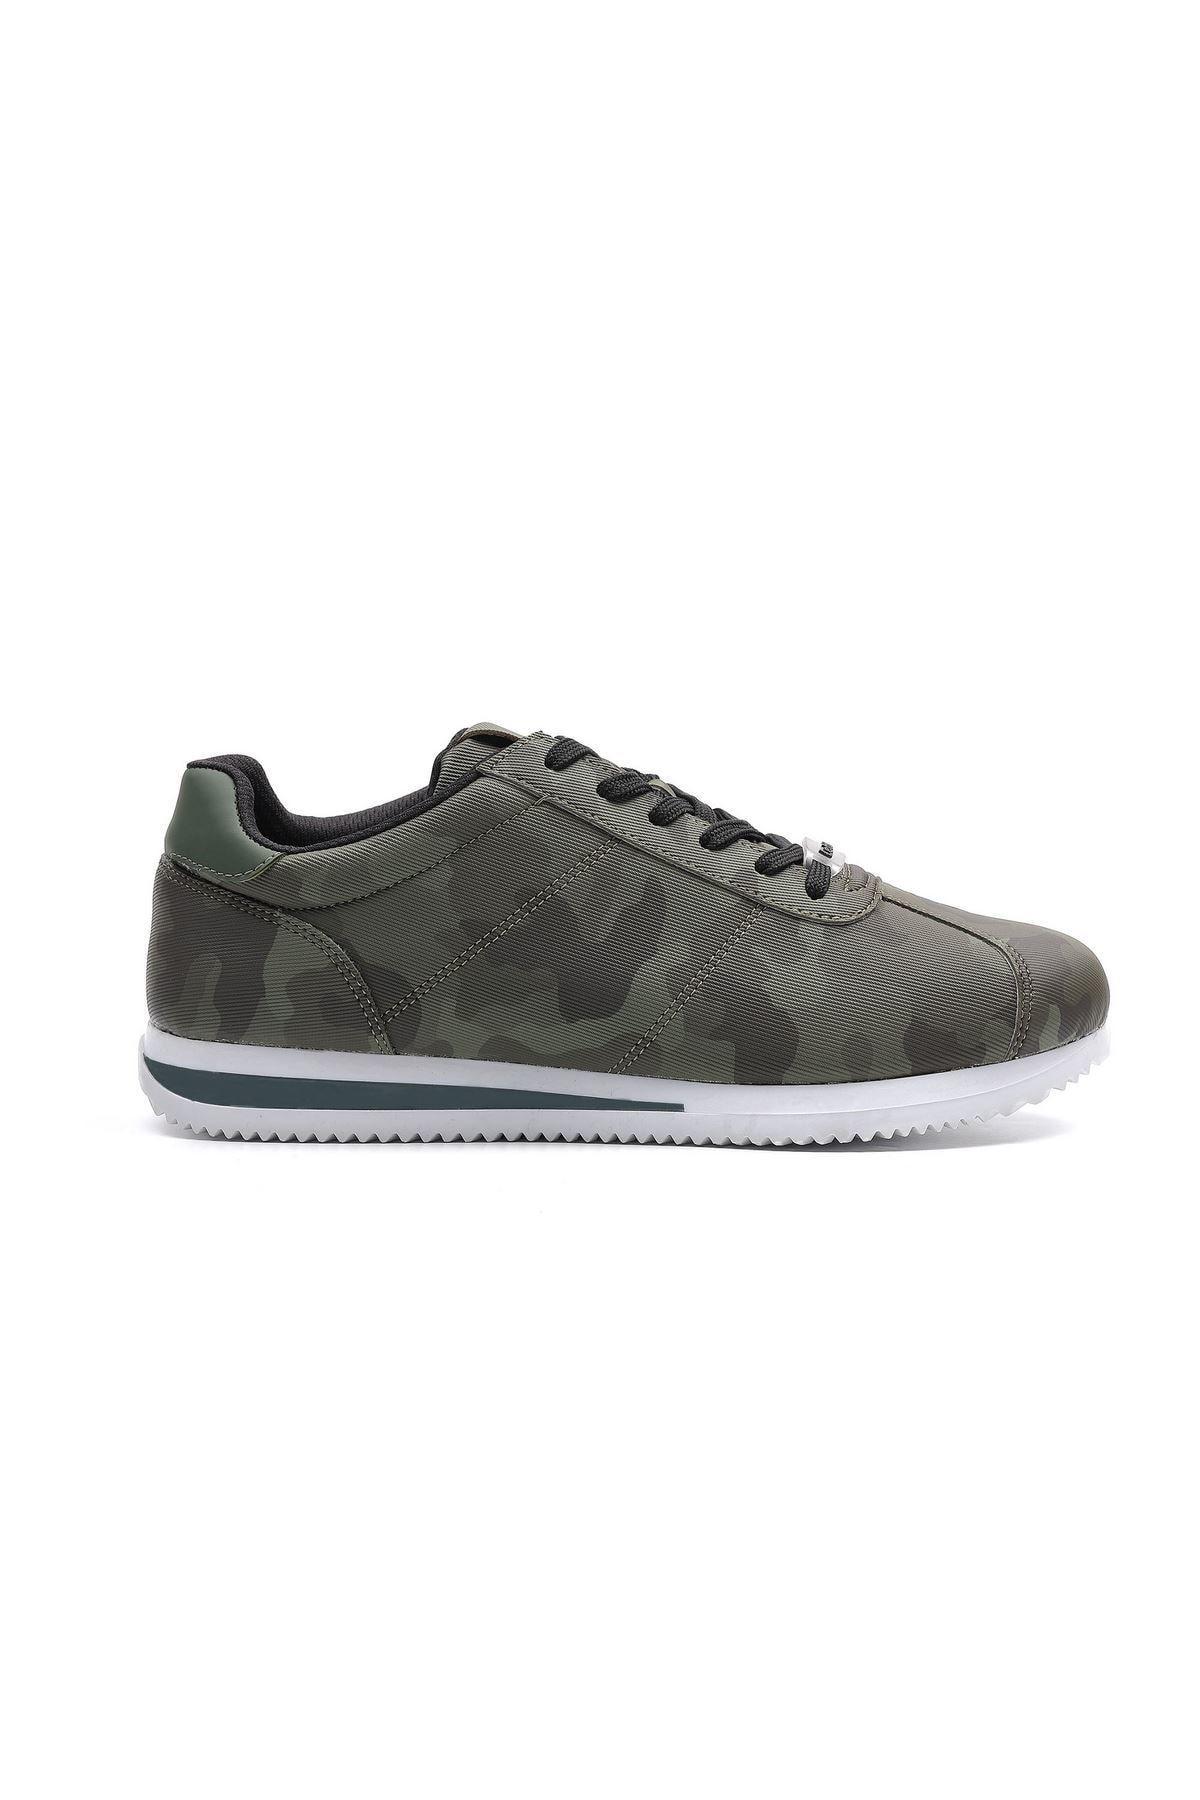 LETOON Unisex Casual Ayakkabı - 7122GR